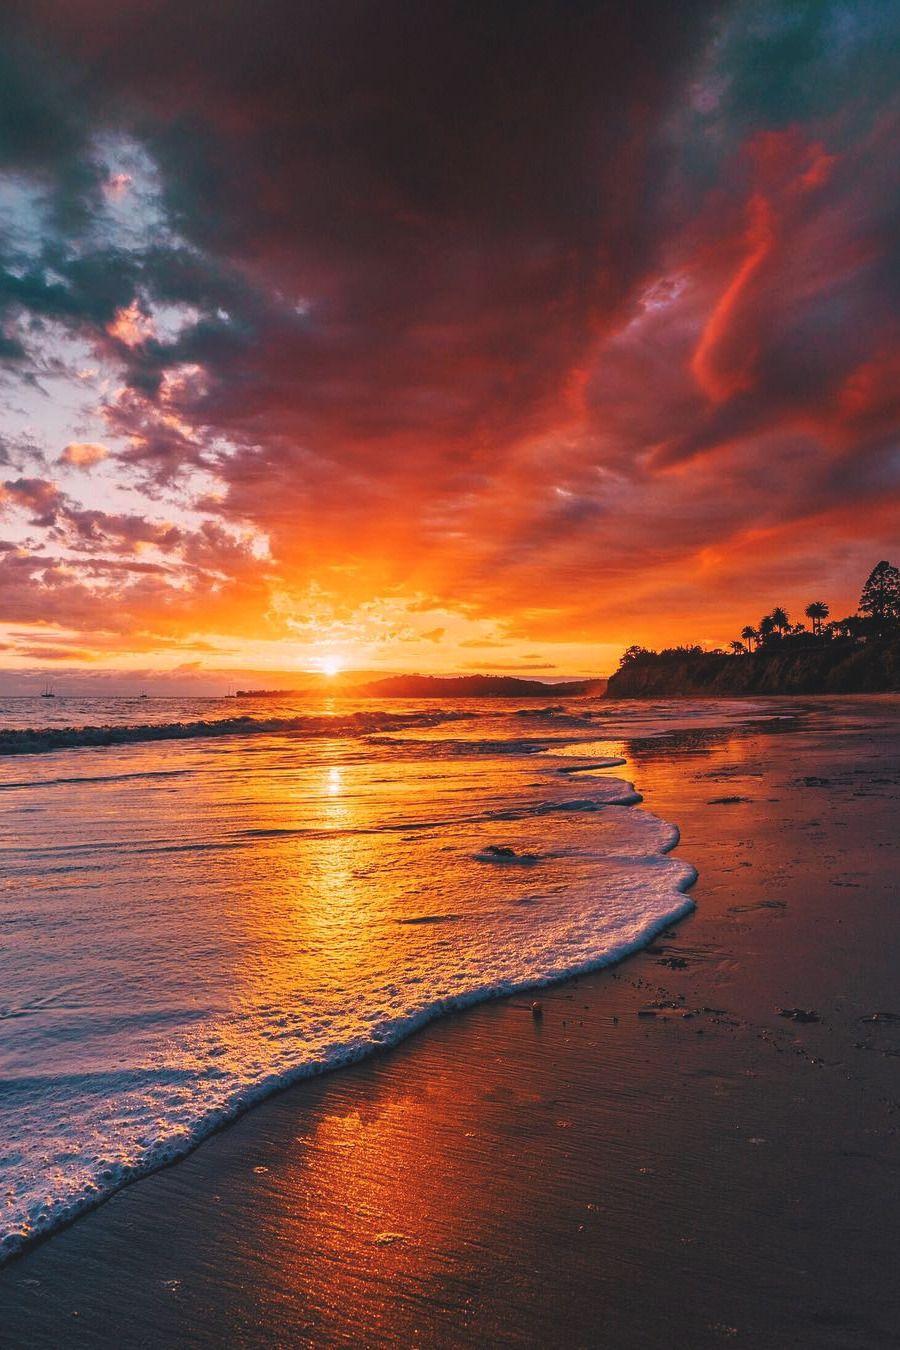 Foto tumblr tramonto for Immagini spettacolari per desktop